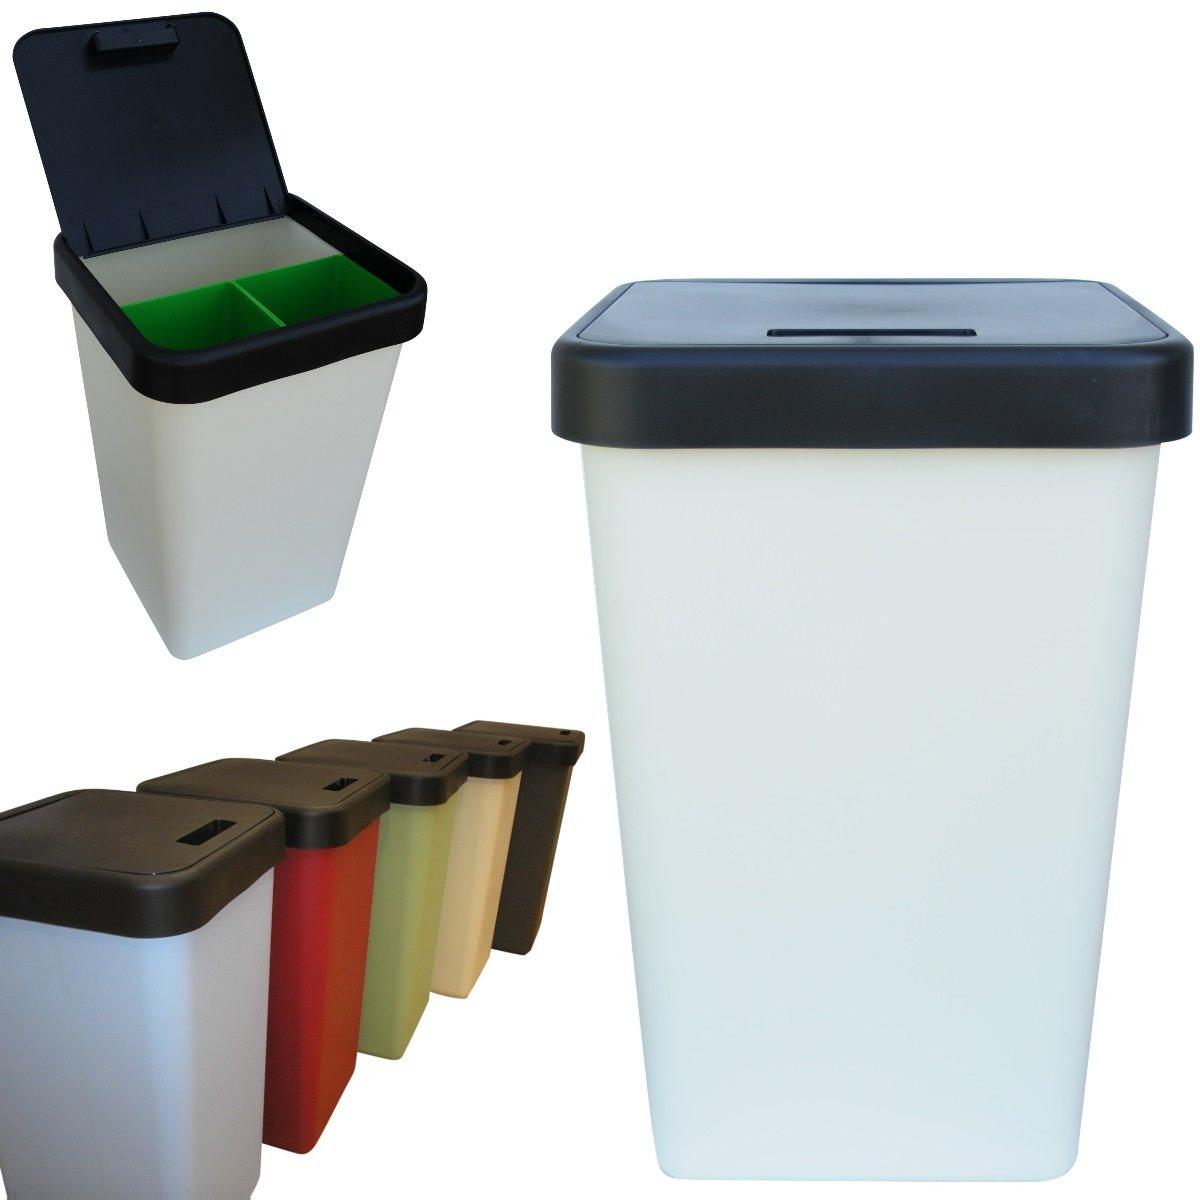 Erfreut Küche Recycling Behälter Fotos - Küche Set Ideen ...